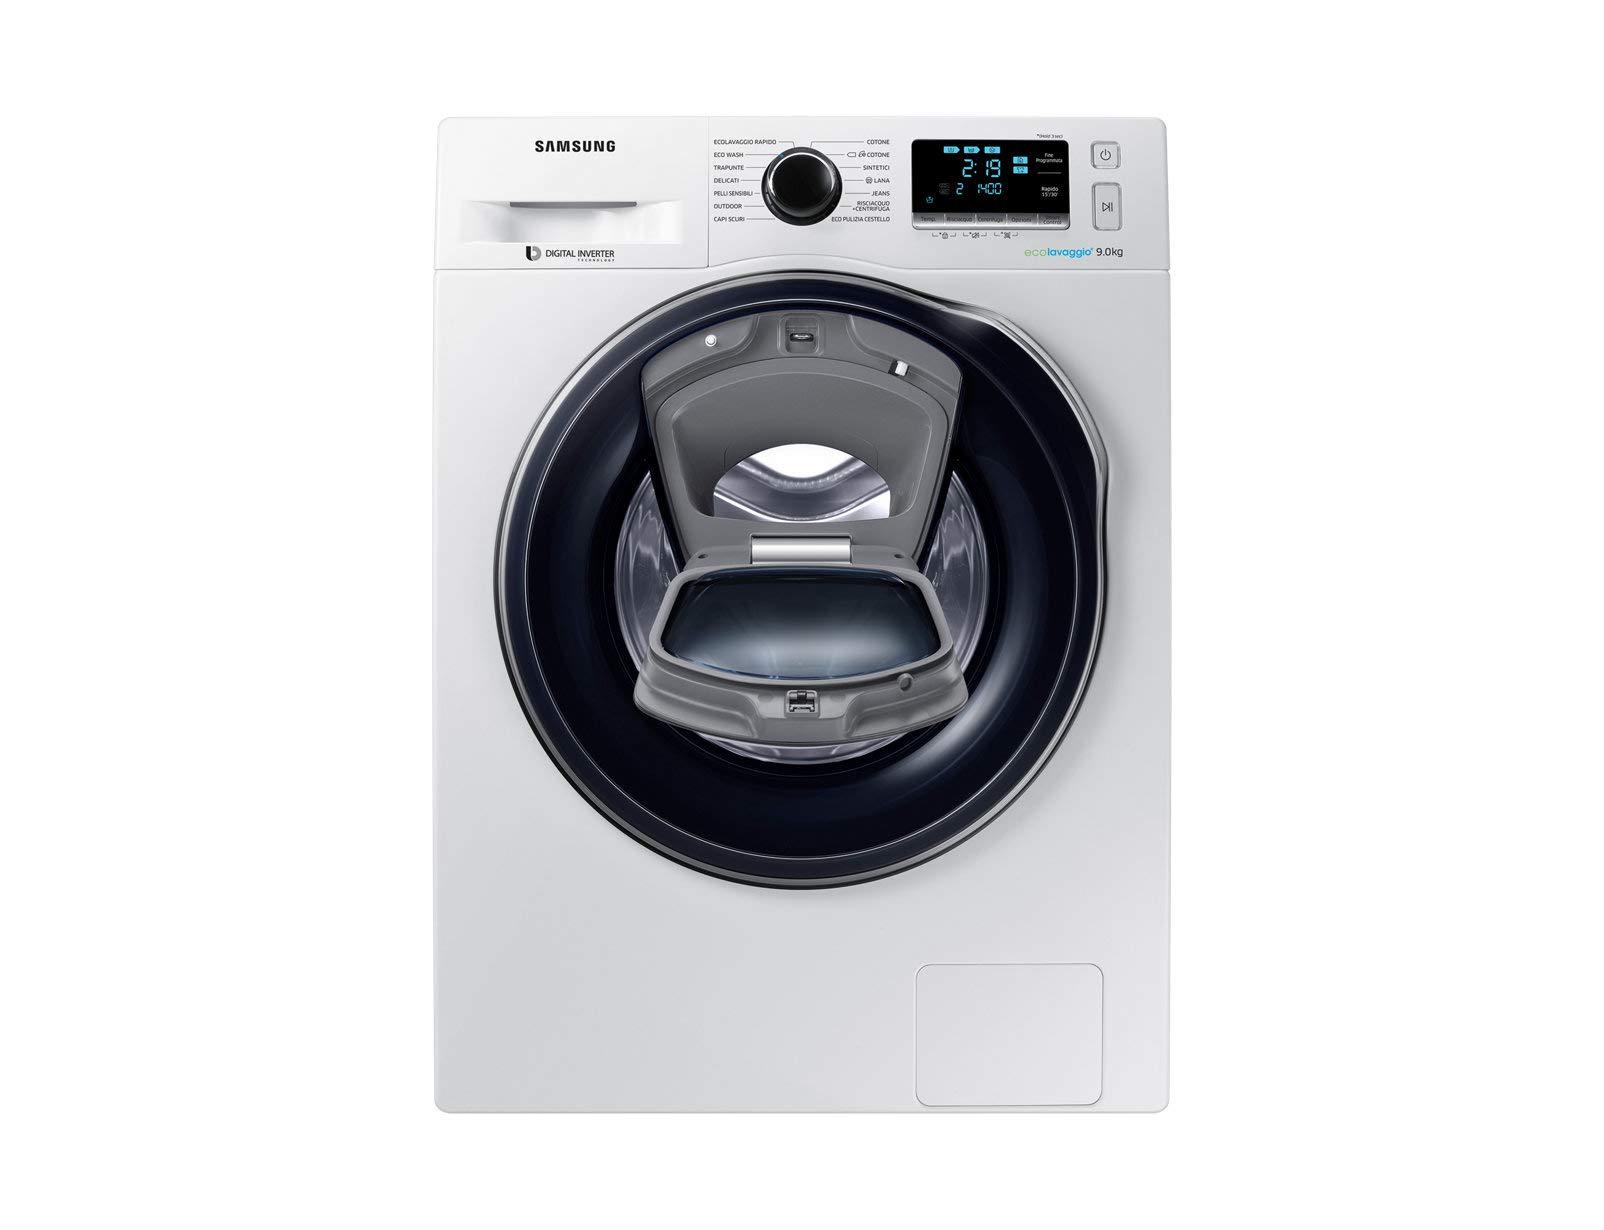 Samsung-WW9RK6404QWET-Freistehend-Frontlader-9-kg-1400-Girimin-A-40-Wei-Waschmaschine